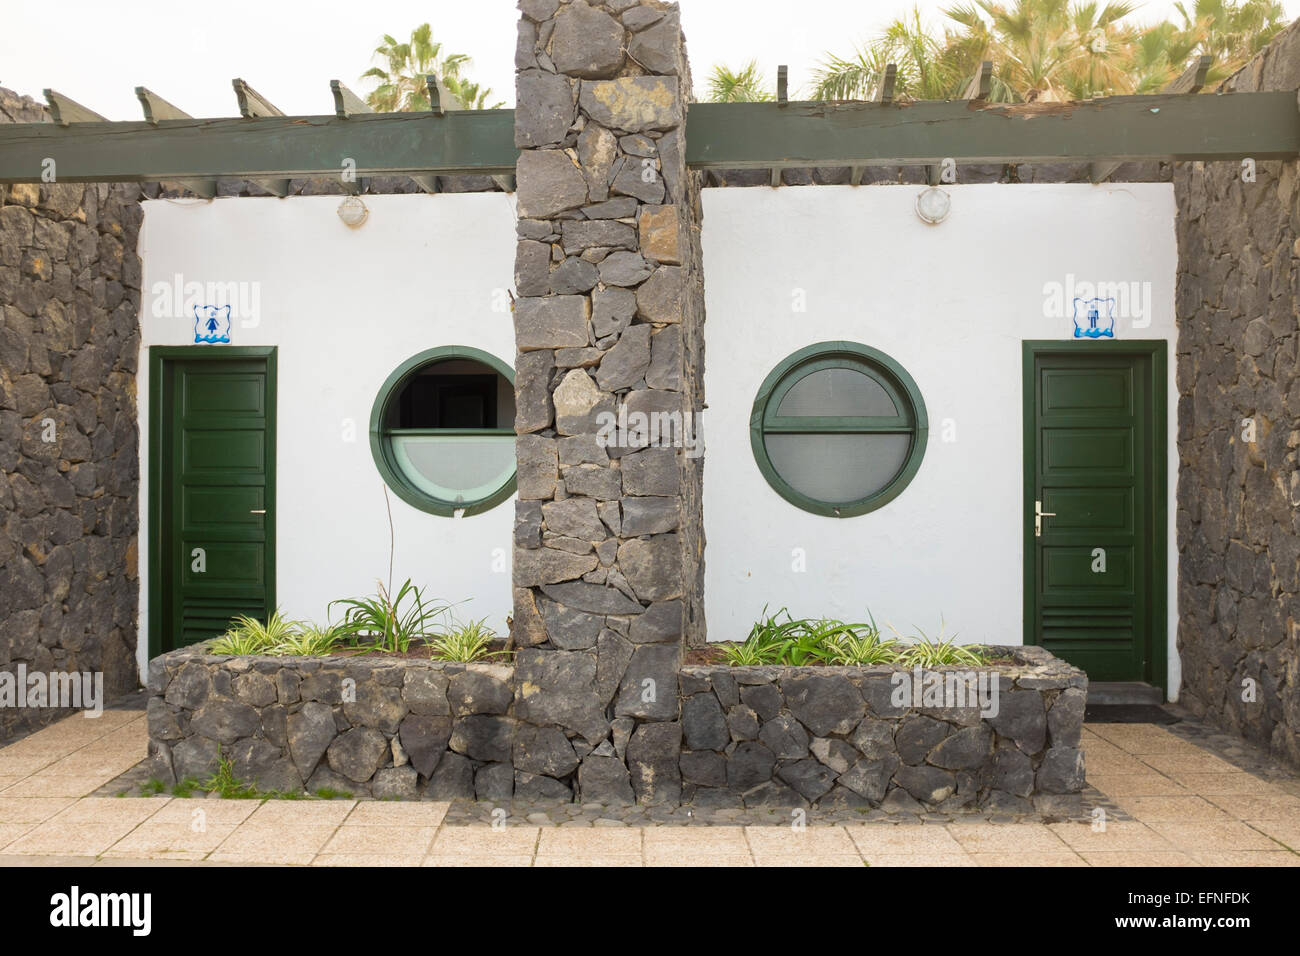 Vista exterior de señoras y gentlemens aseos públicos, Puerto de la Cruz, Tenerife, Islas Canarias Imagen De Stock